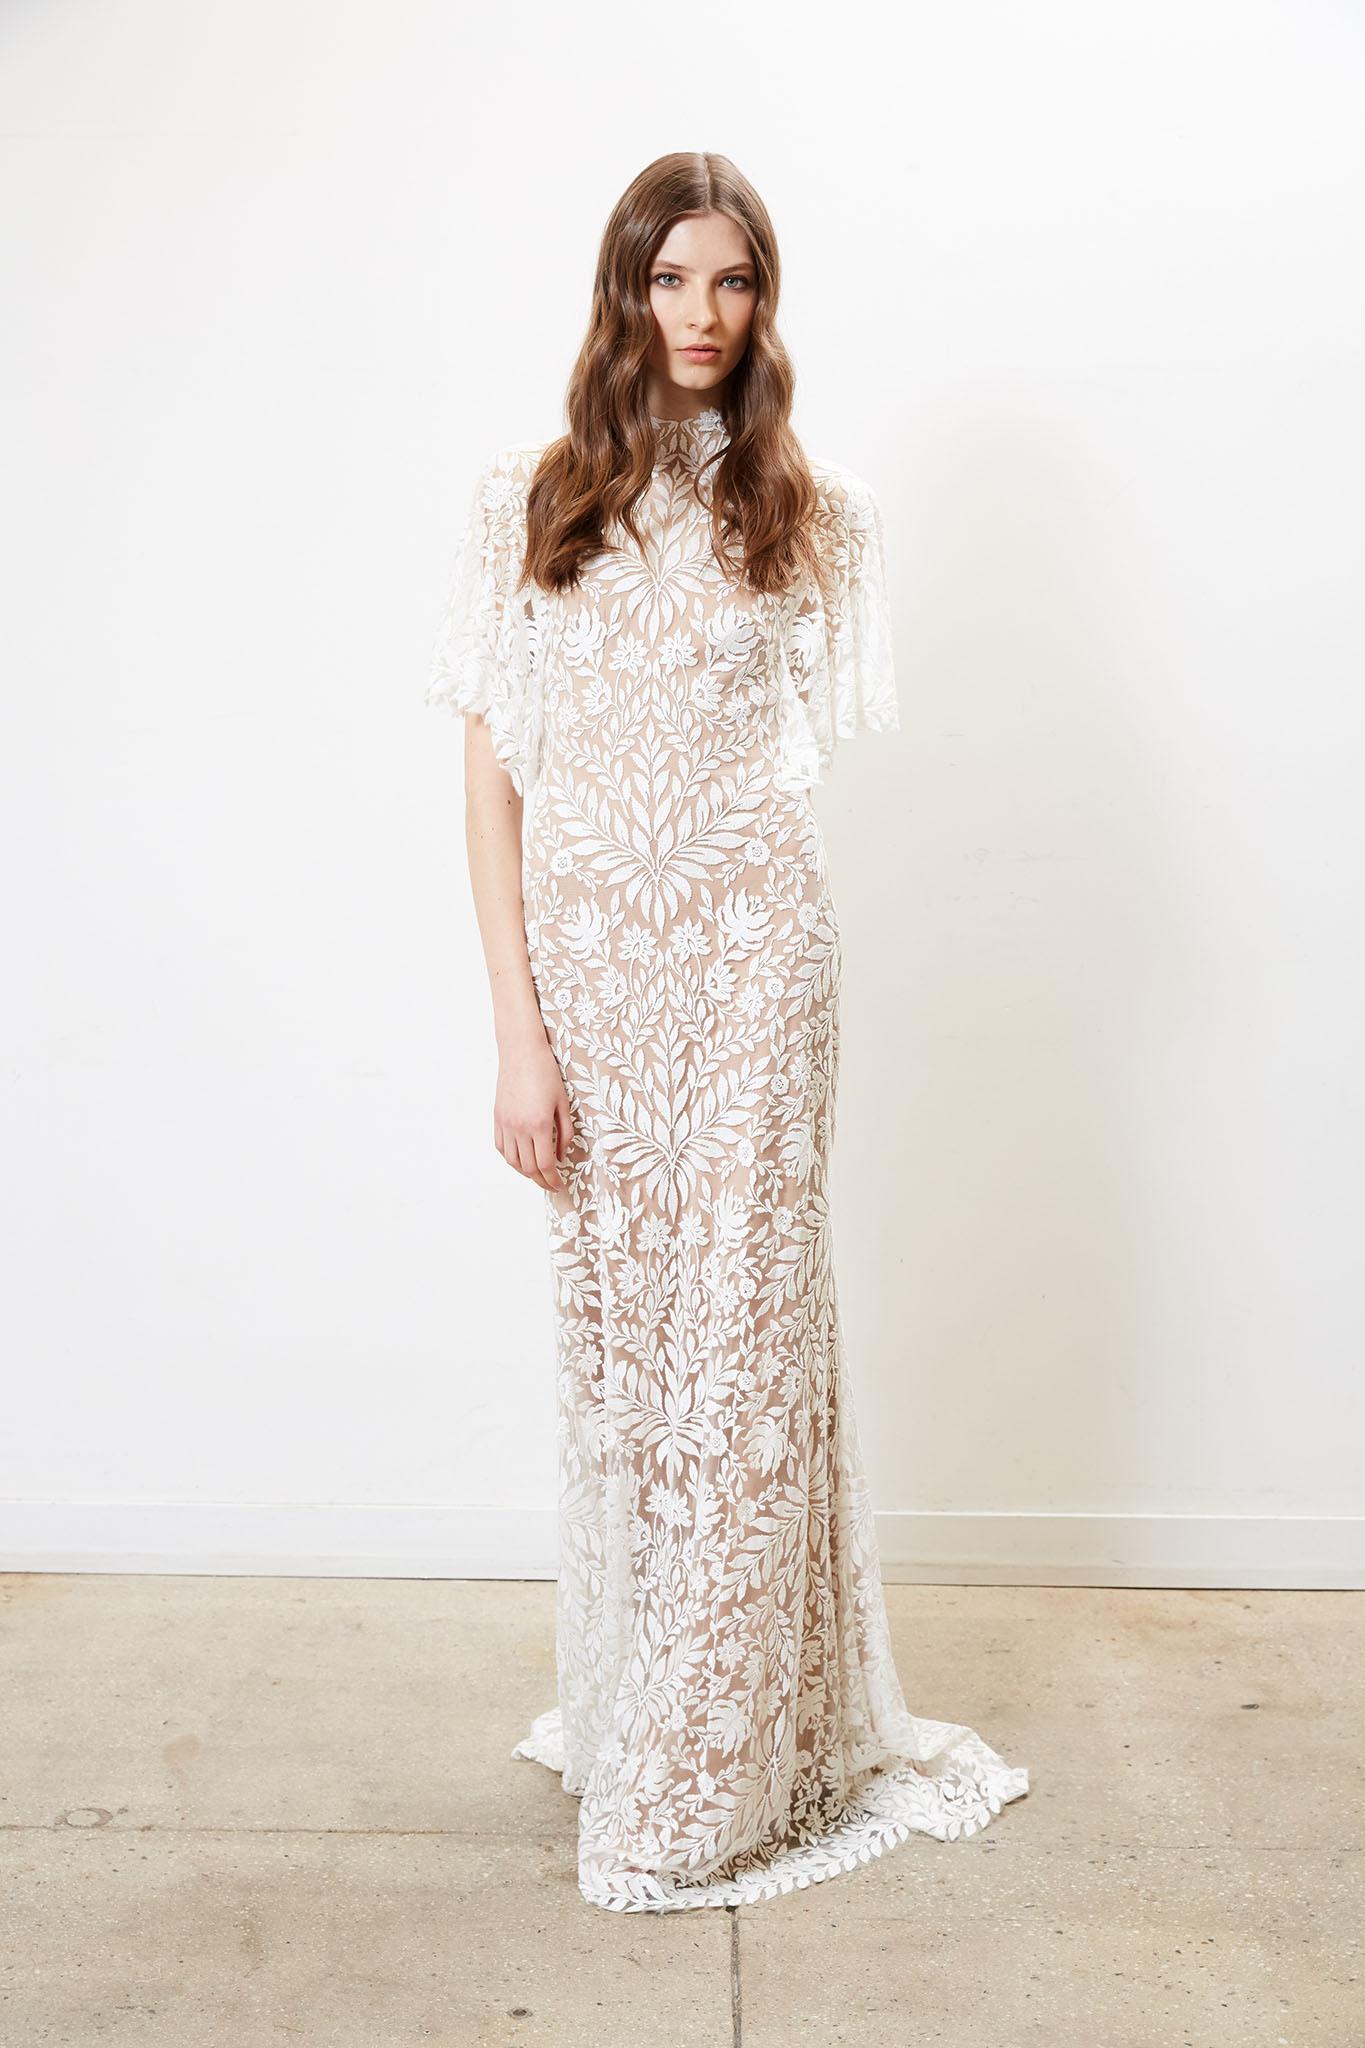 Tadashi Shoji Bridal Spring 2020